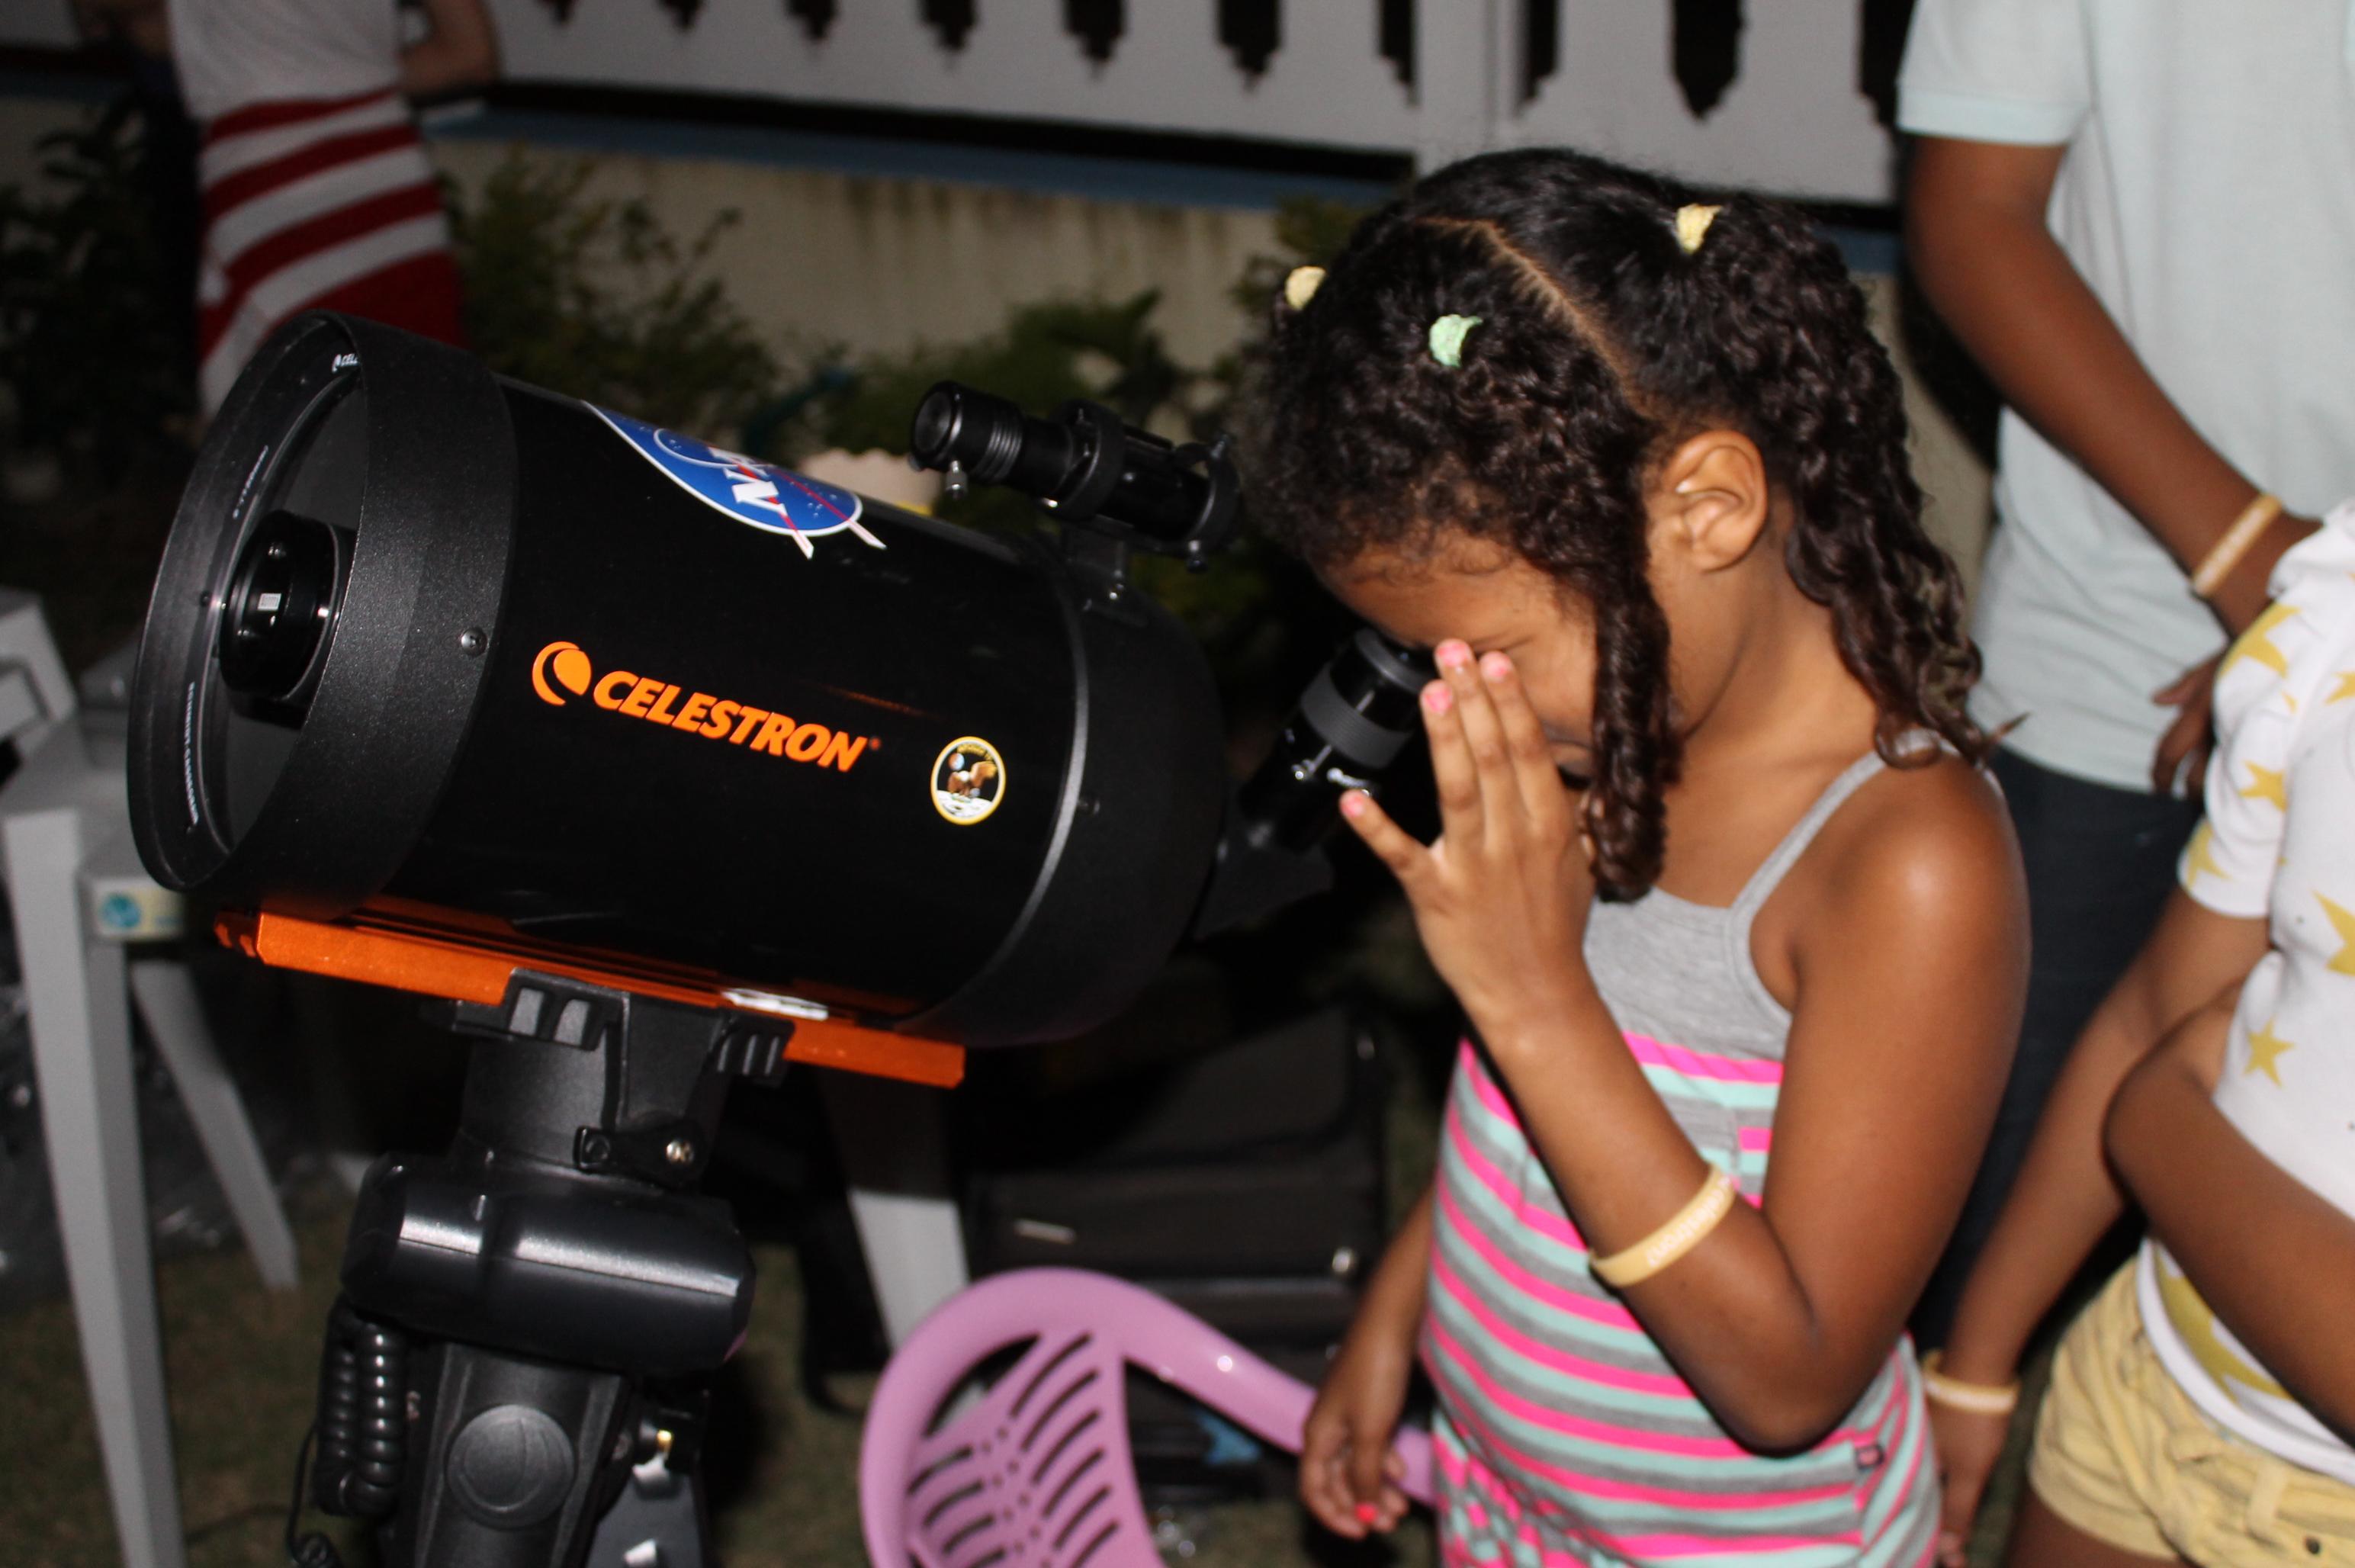 Várias pessoas ficaram encantadas ao observar o espaço e os corpos celestes. (Foto: Divulgação)